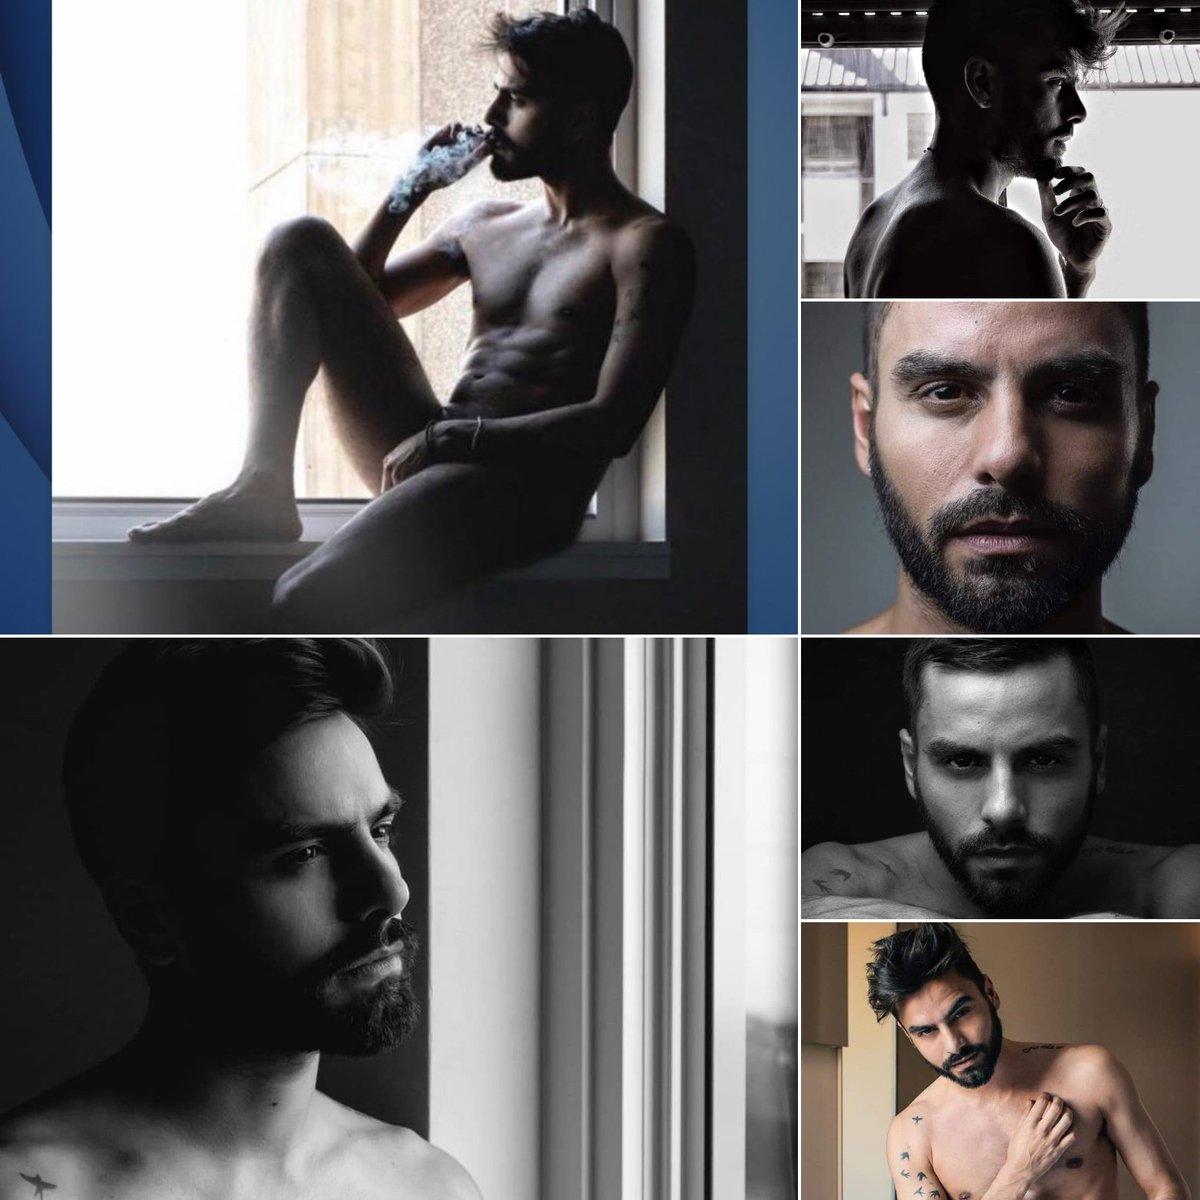 L'eleganza di un corpo nudo...e tu lo sai indossare molto bene! #marioserpa #nyc #nudelook #thebeauty #artpic.twitter.com/cRZMO918iA